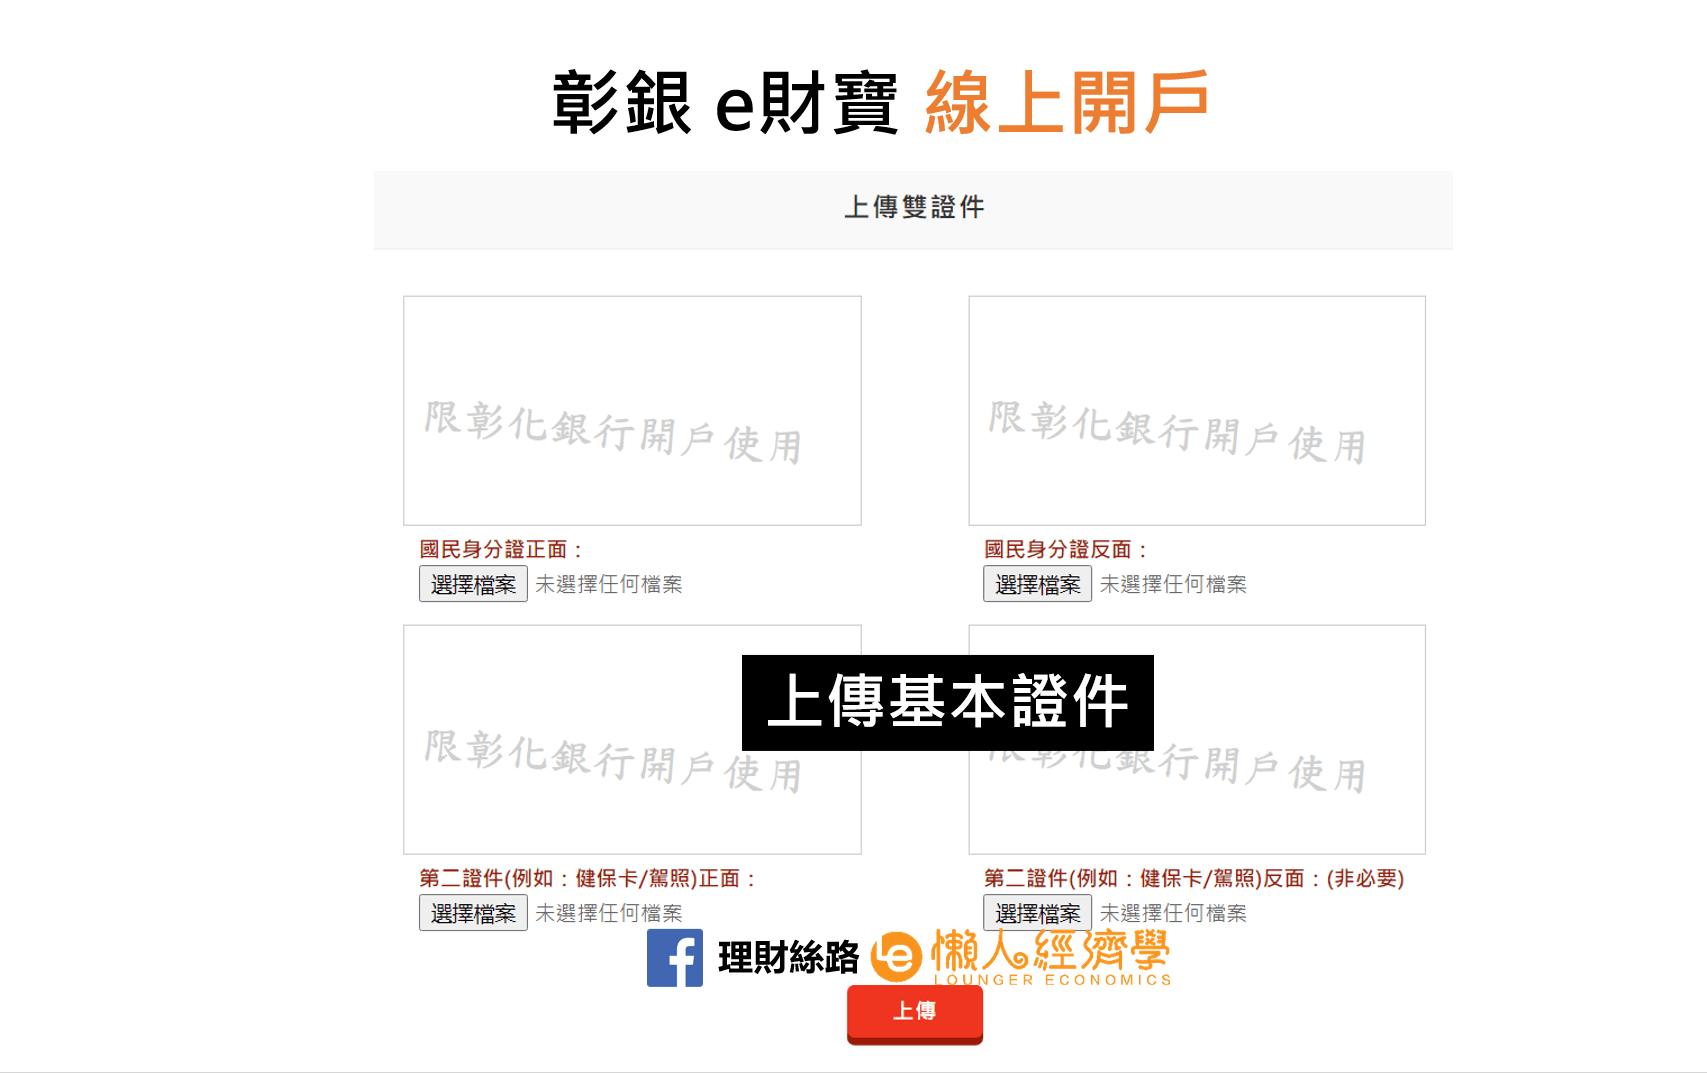 彰銀數位帳戶開戶教學-7